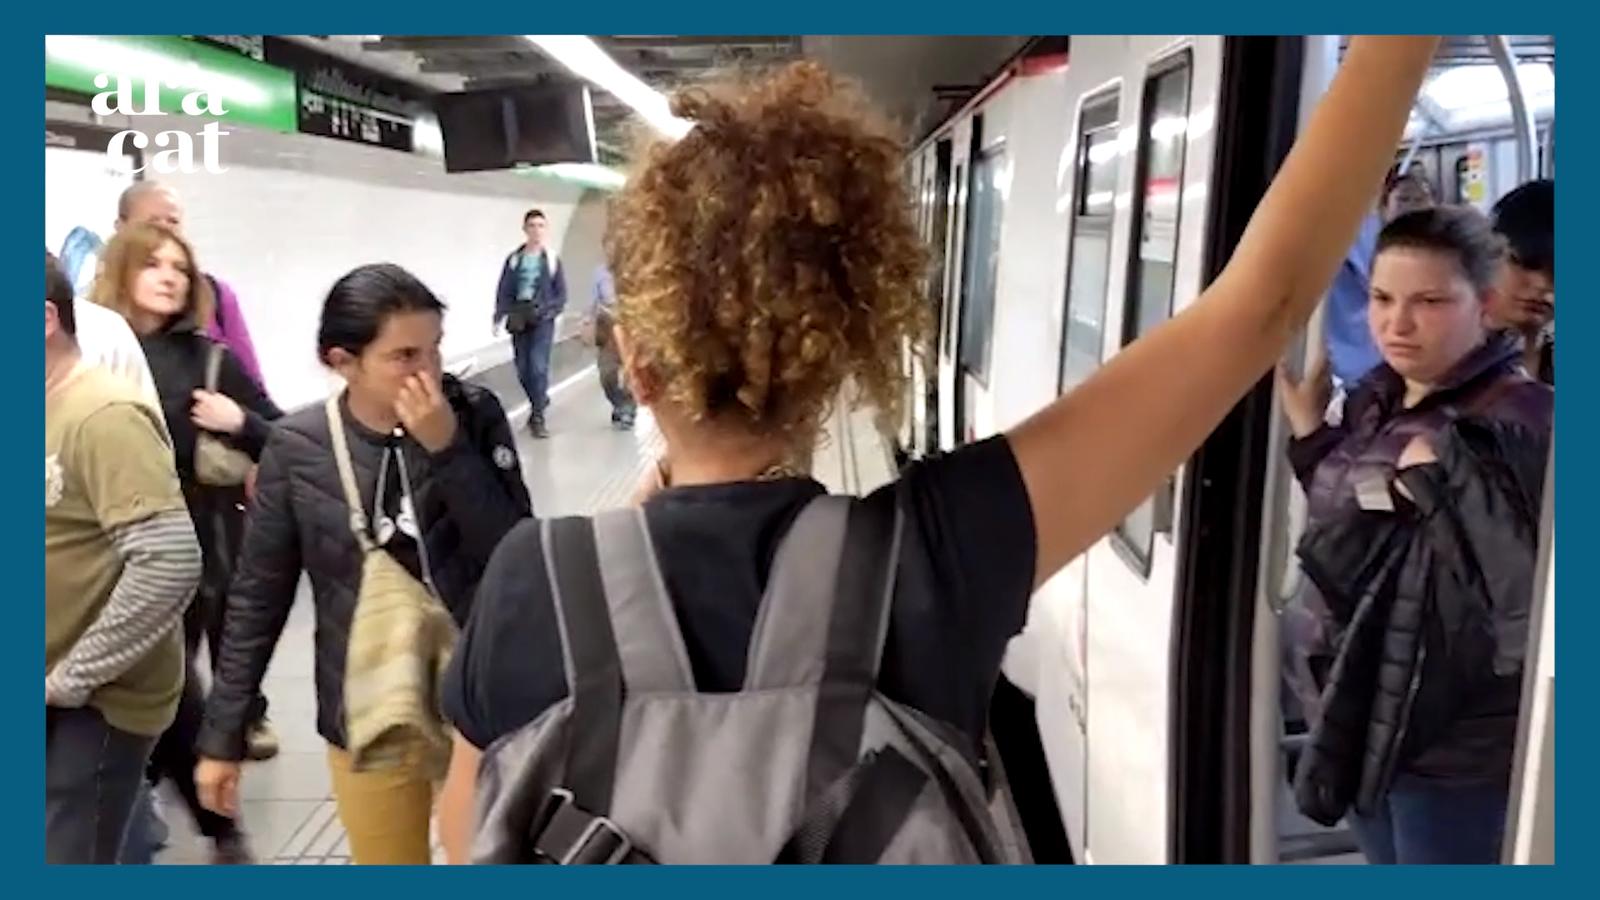 S'organitzen per expulsar els carteristes del metro de Barcelona